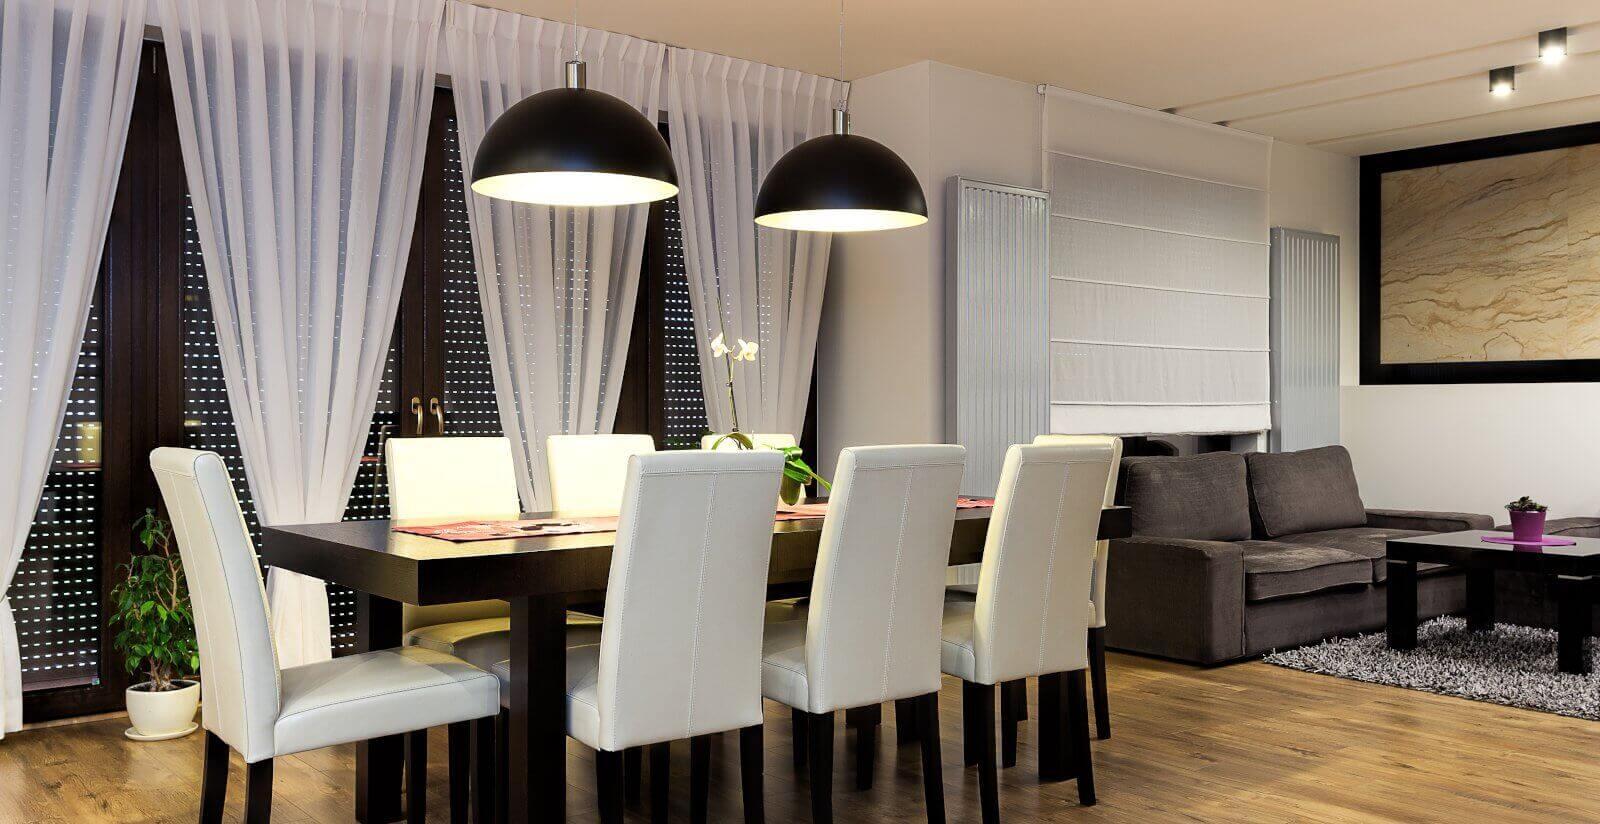 Esszimmerlampen haben eine fundamentale Bedeutung im Familienleben